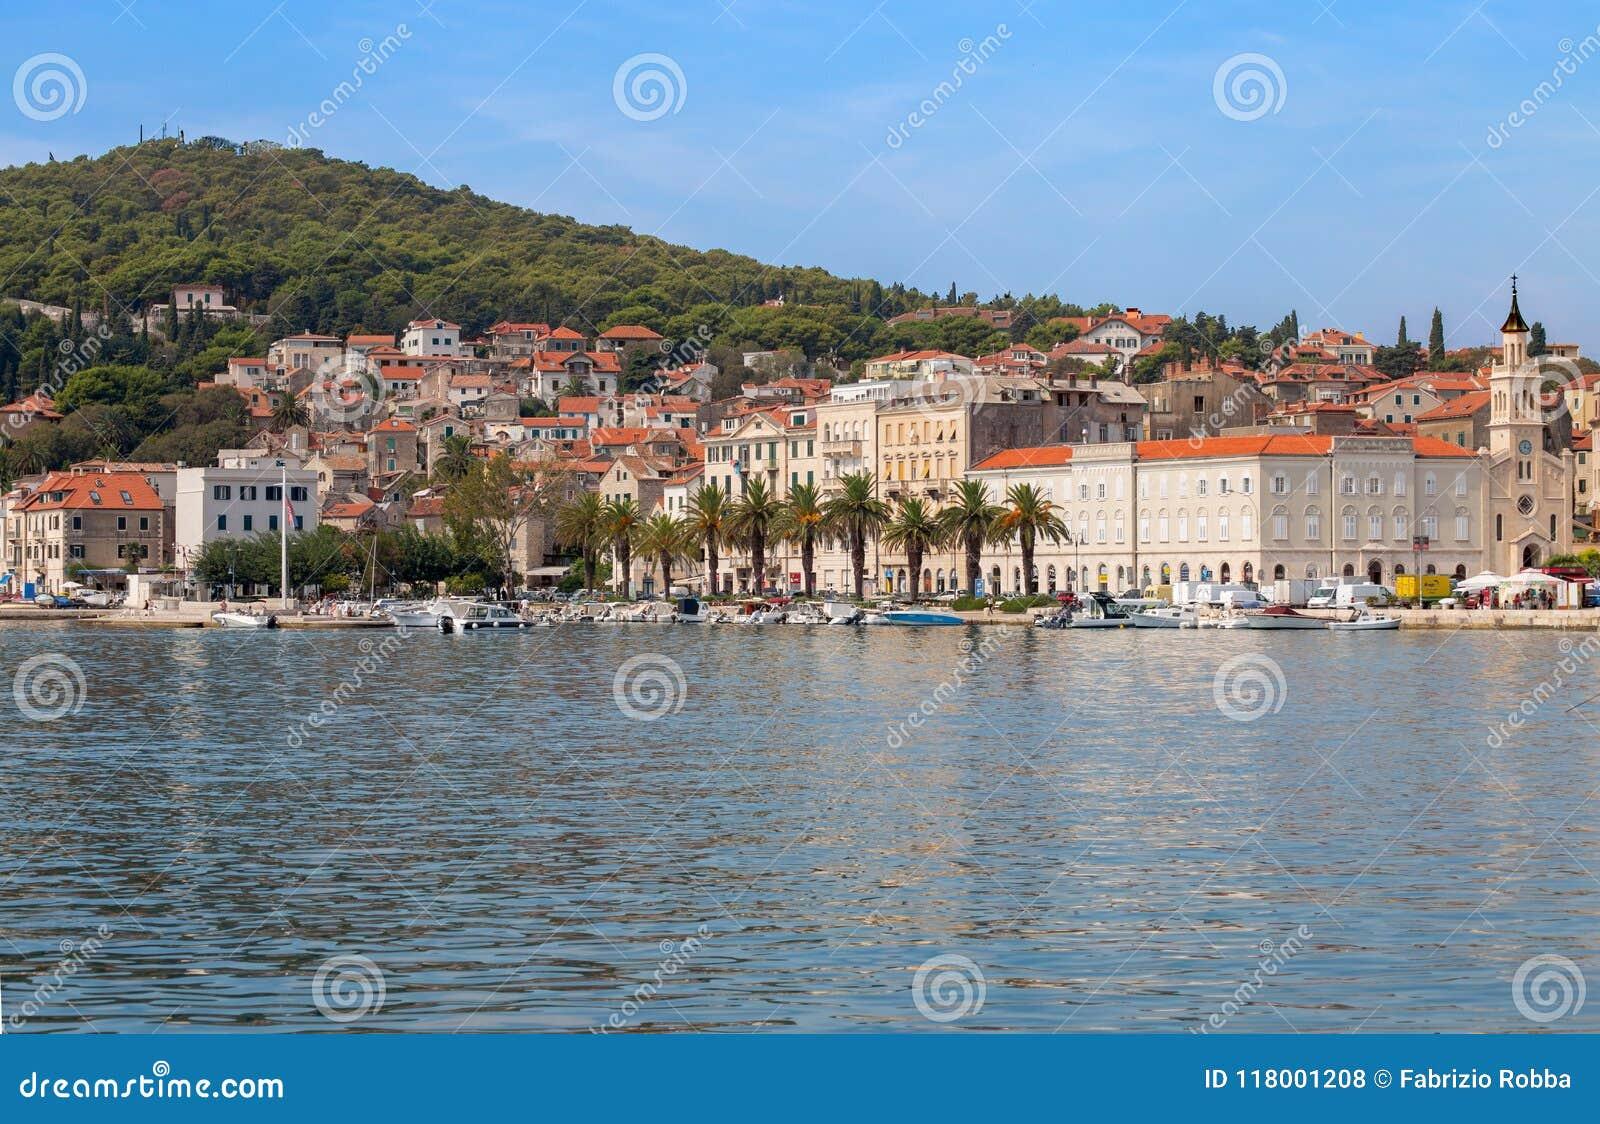 Άποψη της προκυμαίας της διασπασμένης, αδριατικής θάλασσας, στη Δαλματία, Κροατία